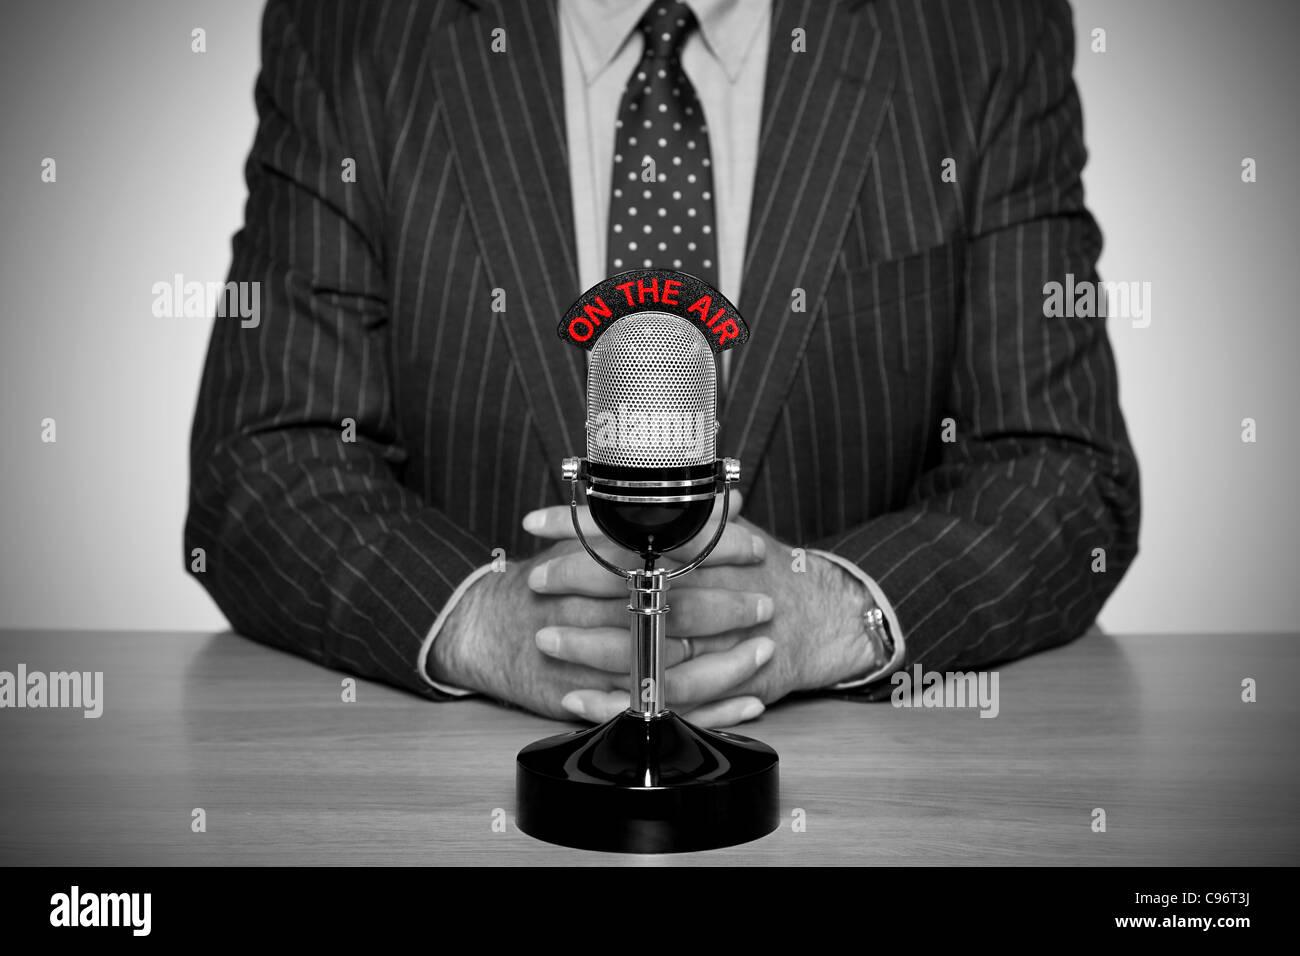 Photo d'un diffuseur de presse assis à un bureau et rétro avec un microphone sur l'enseigne lumineuse Photo Stock